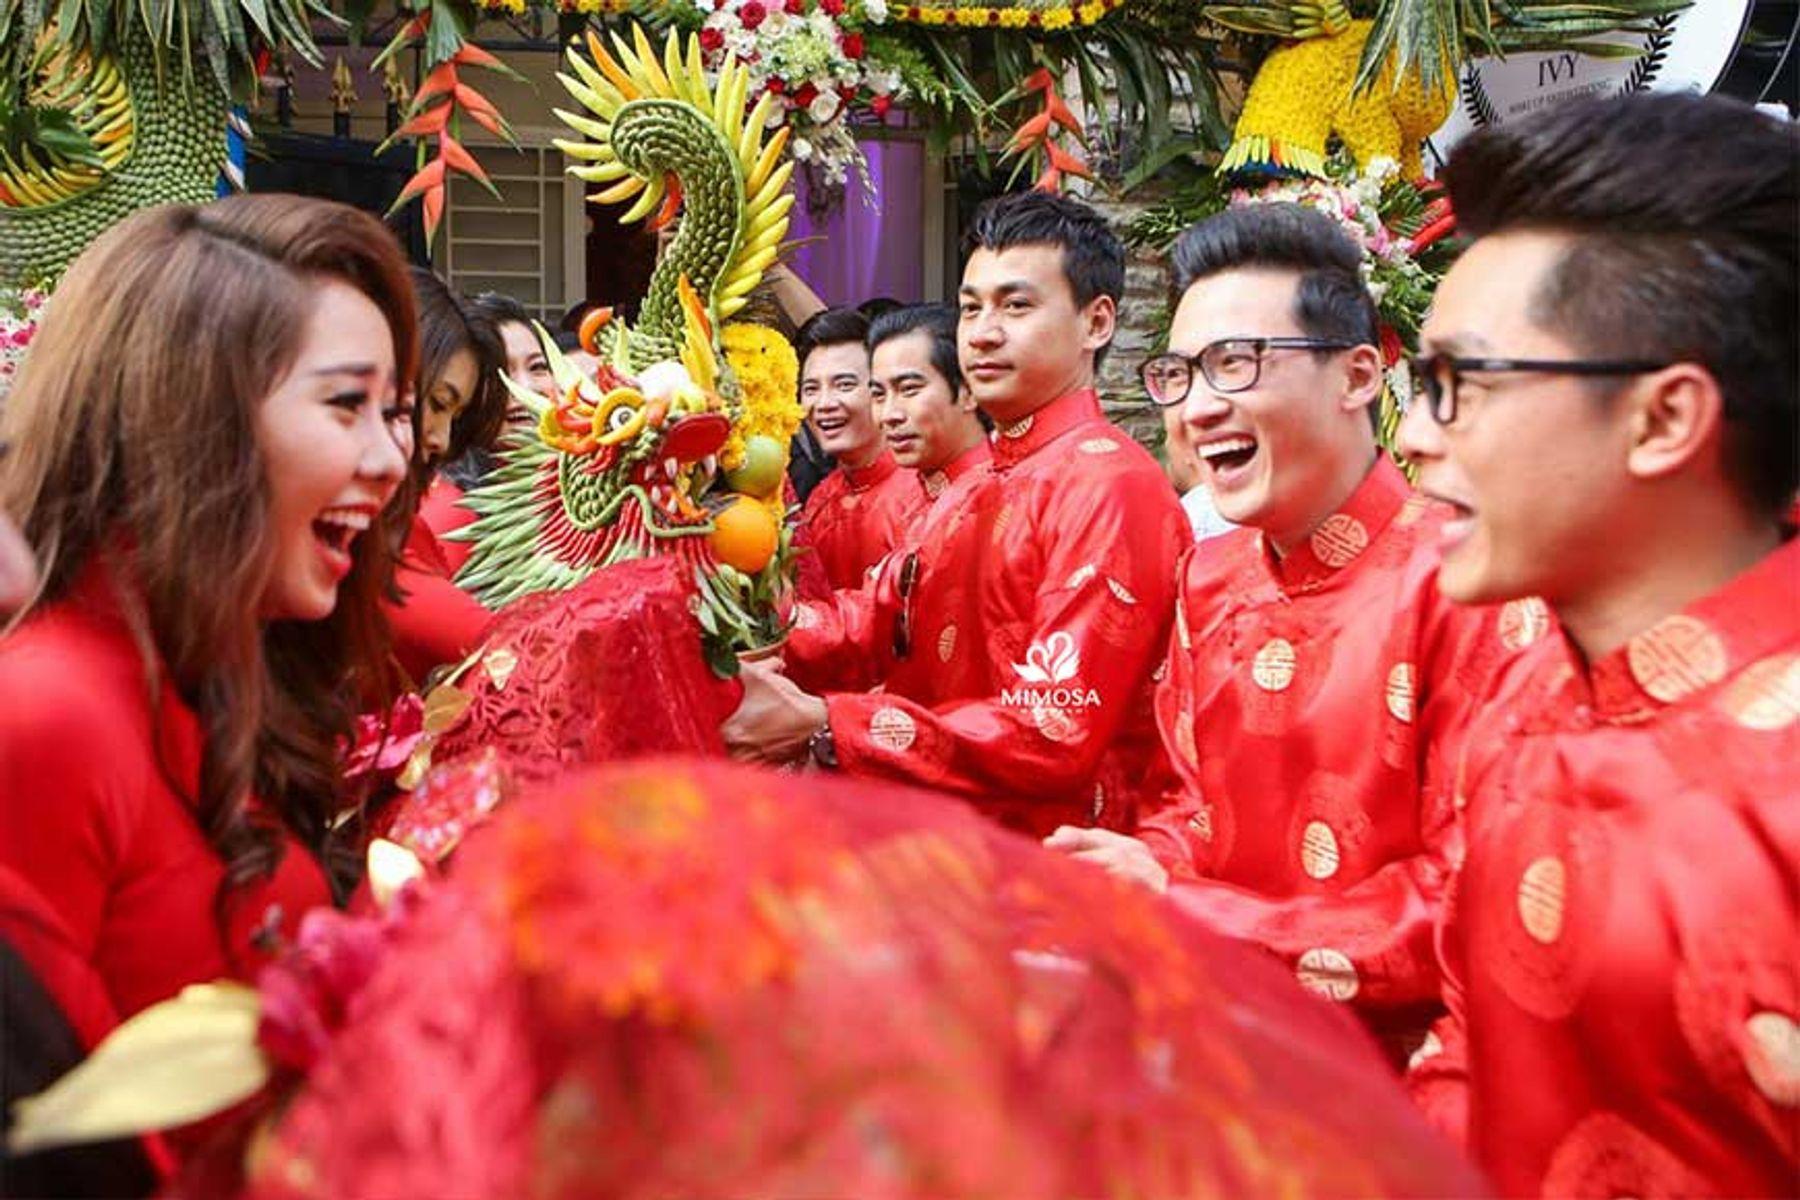 Step 2: Đoàn bưng quả nhà trai trao sinh lễ cưới cho nhà gái